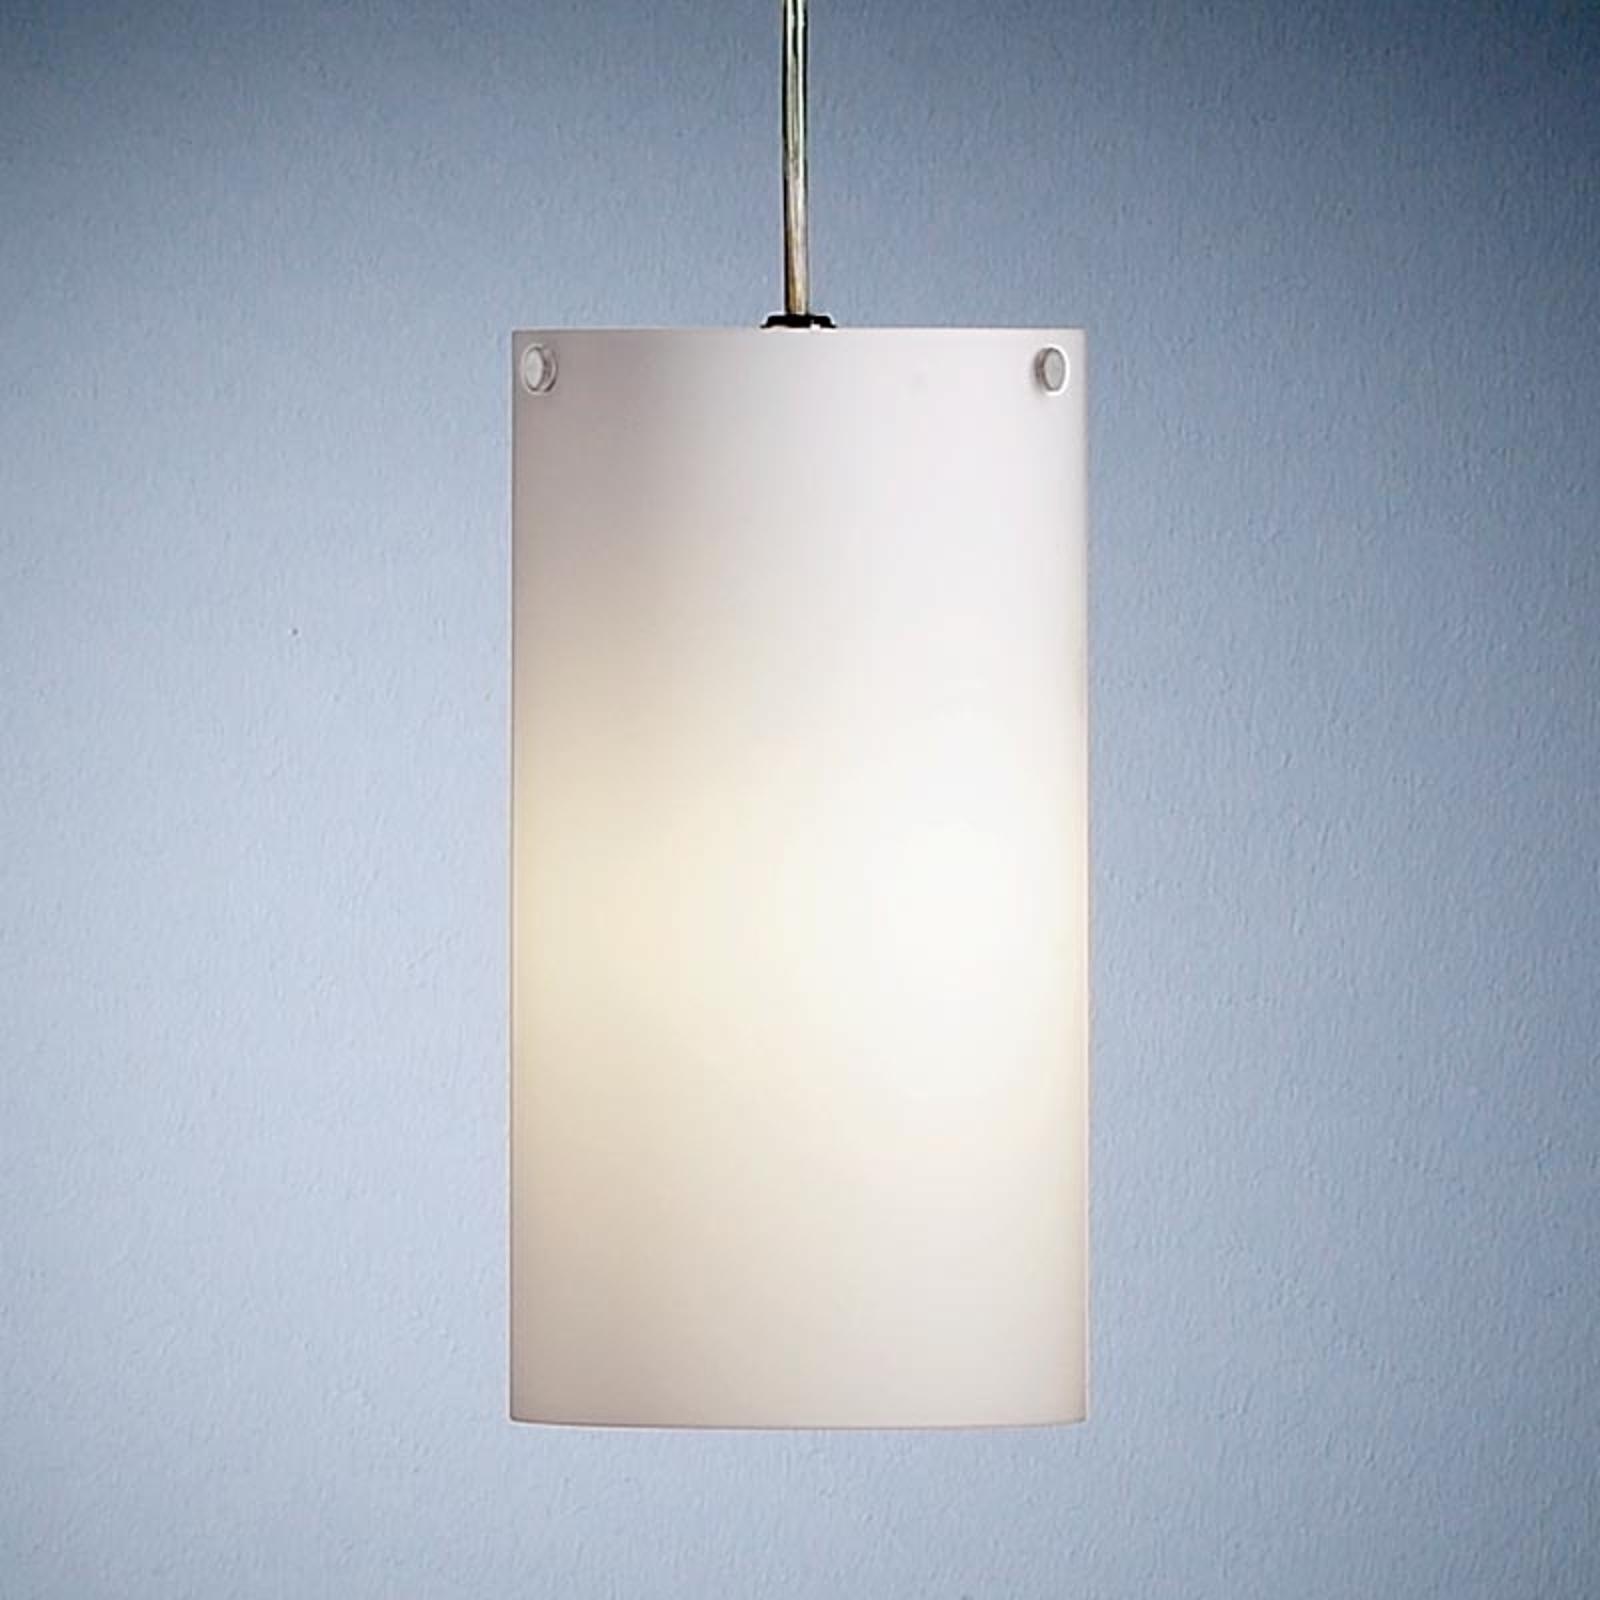 Cylindyczna lampa wisząca Waltera Schnepla